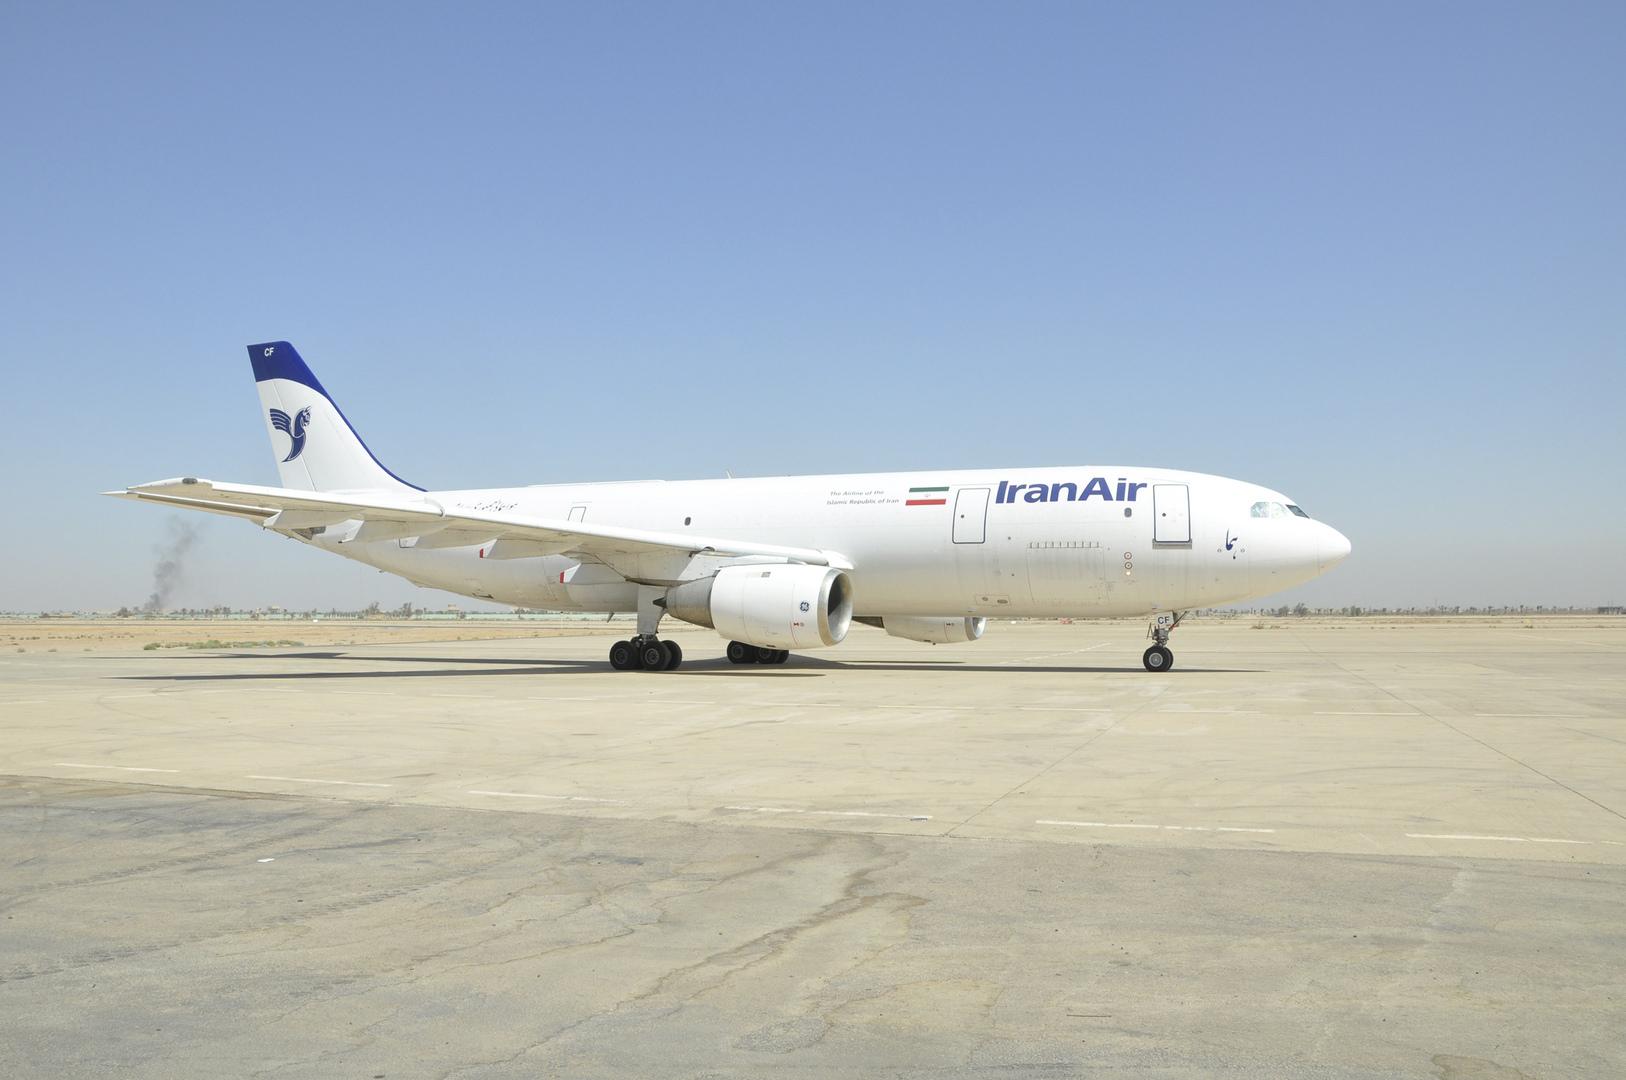 شركة الخطوط الجوية الإيرانية تطالب